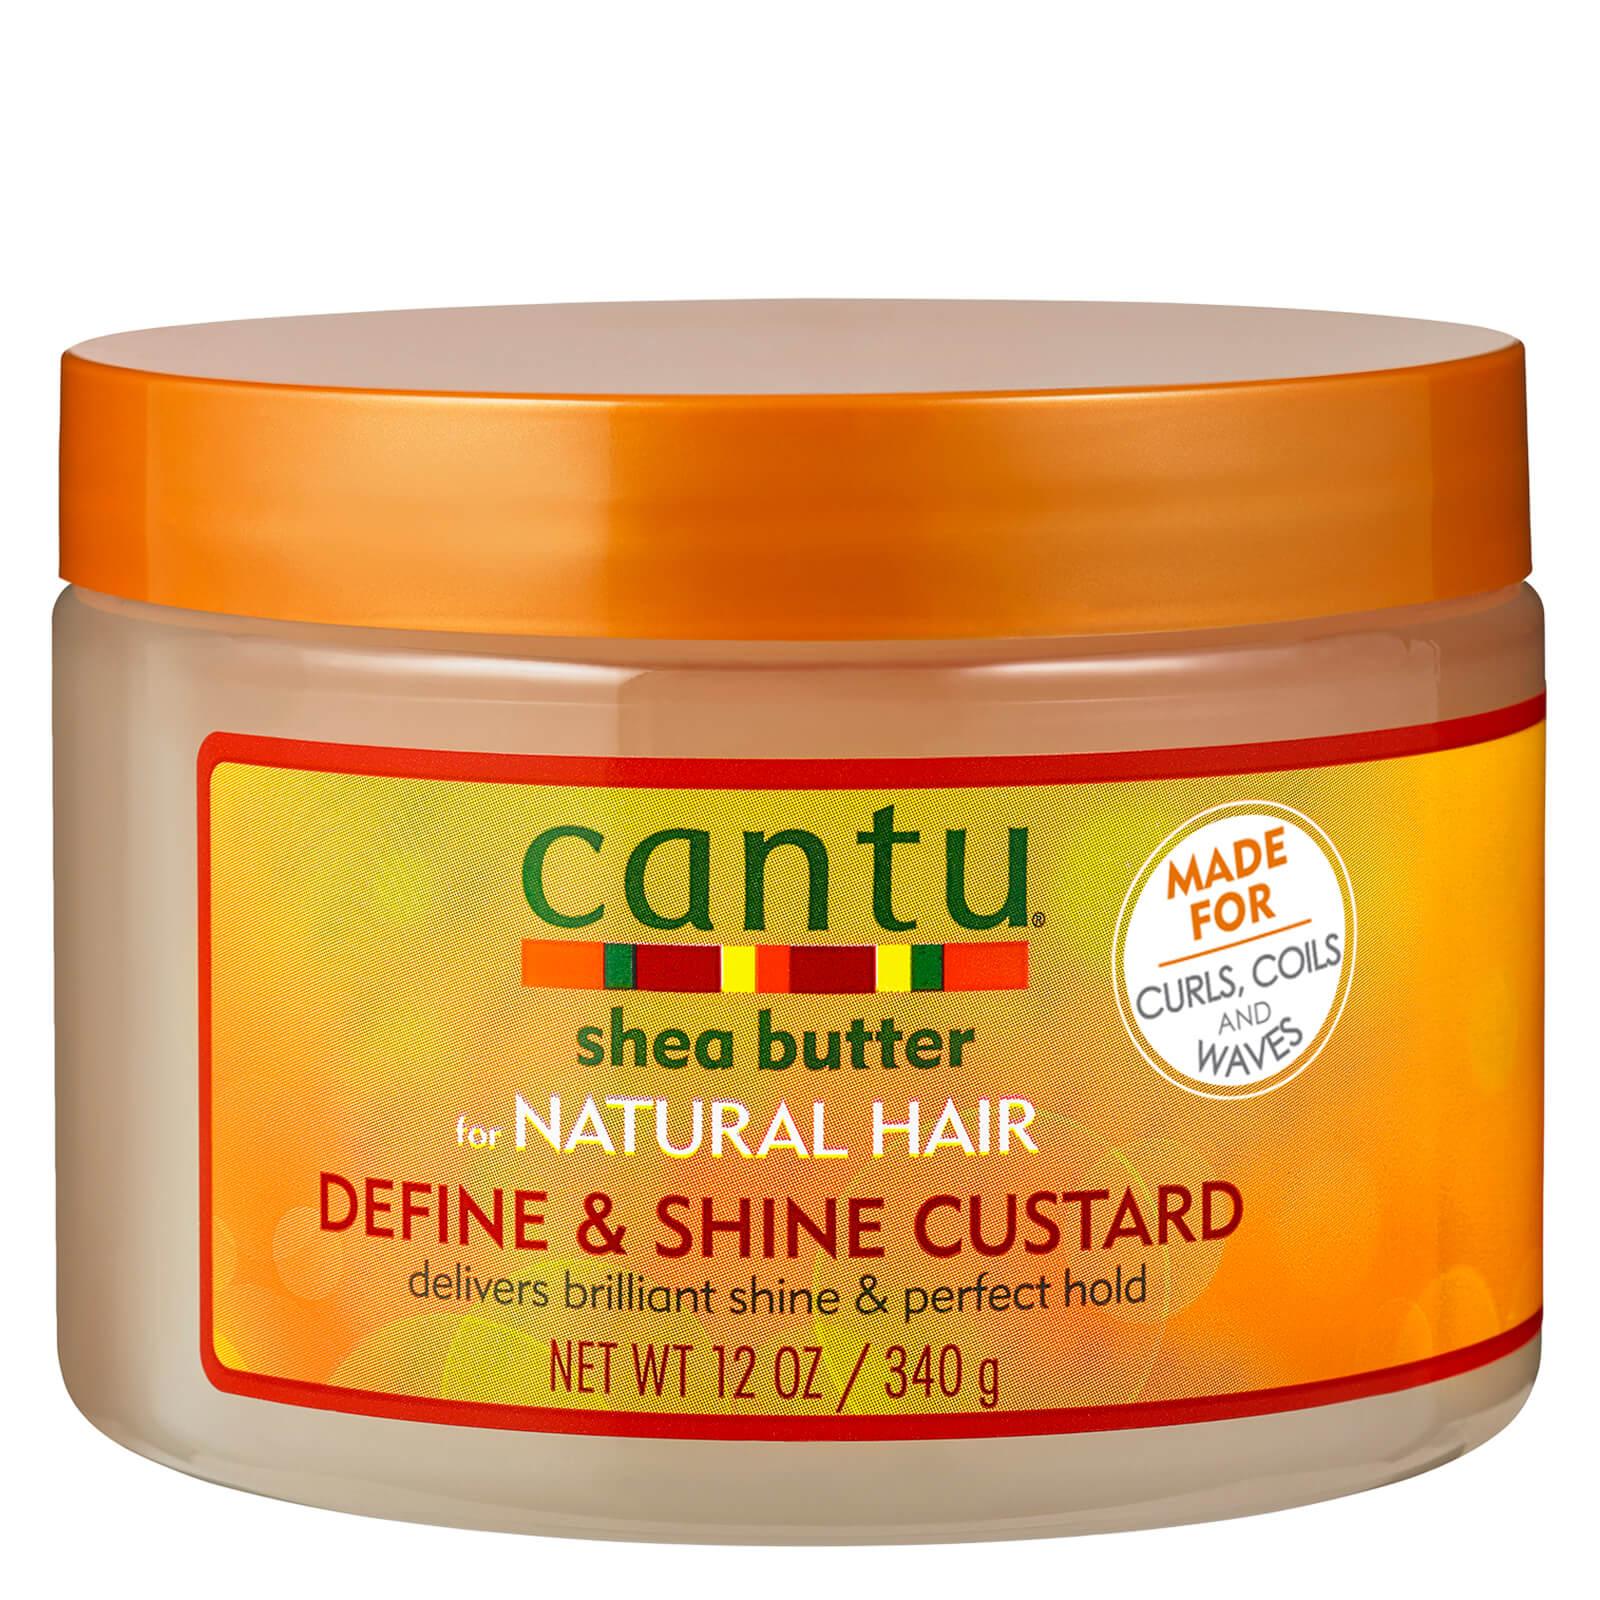 Cantu Define & Shine Custard